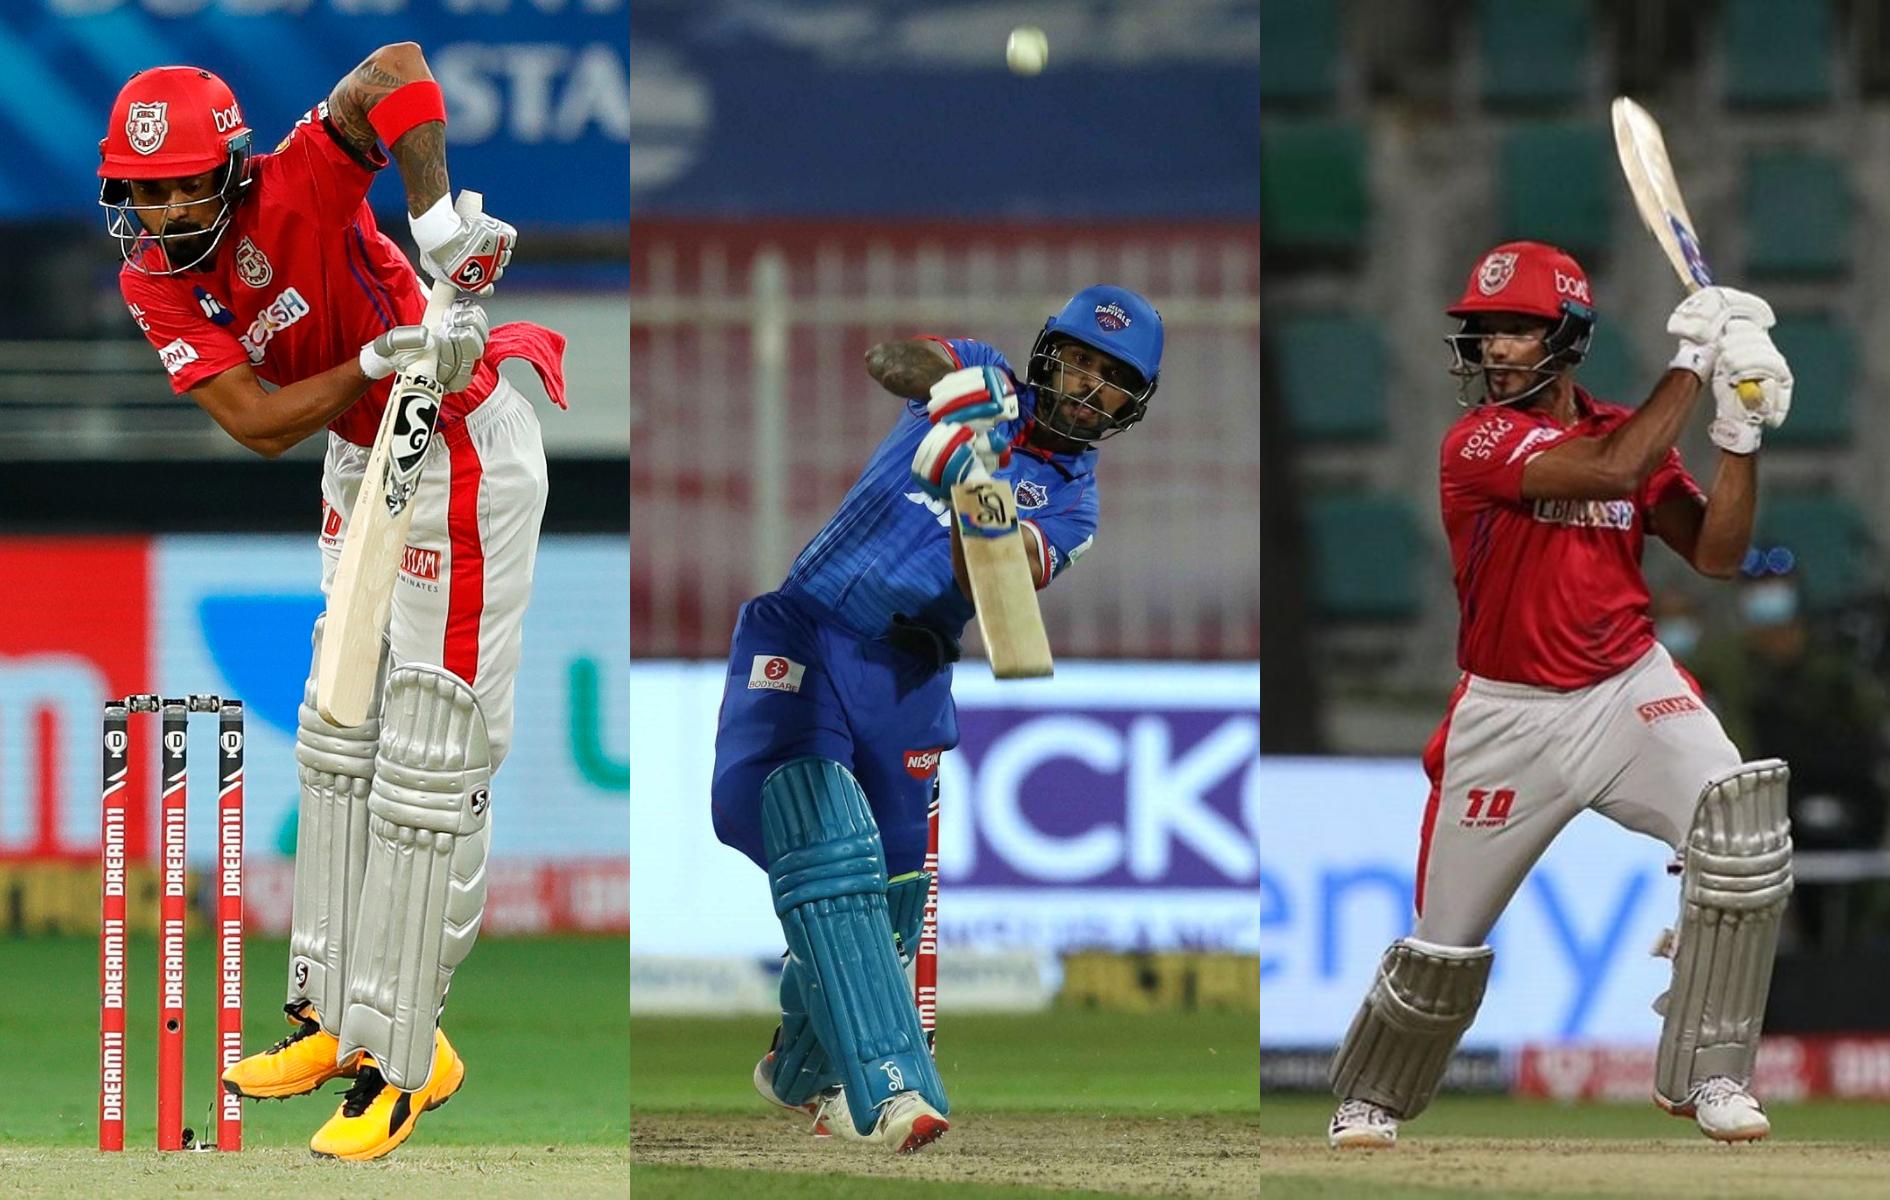 KL Rahul. Shikhar Dhawan and Mayank Agarwal | BCCI/IPL